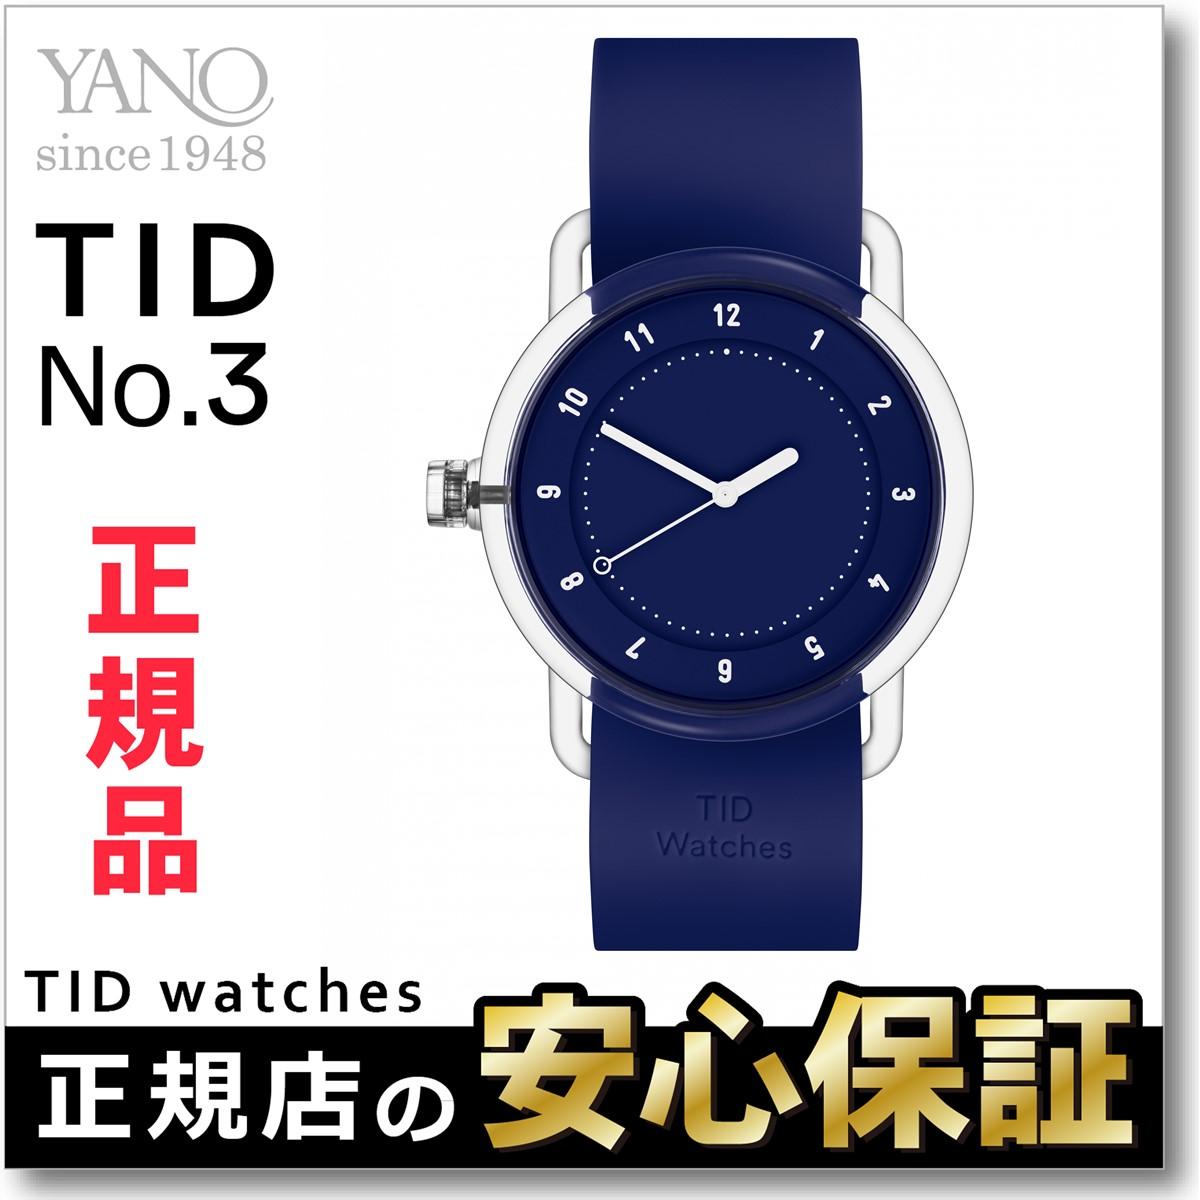 【正規品】 ティッド ウォッチズ No.3 コレクション TID Watches 腕時計 メンズ/レディース TID03 ブルー シリコンベルト 38mm ティッド ウォッチ 北欧 腕時計 _10spl【店頭受取対応商品】